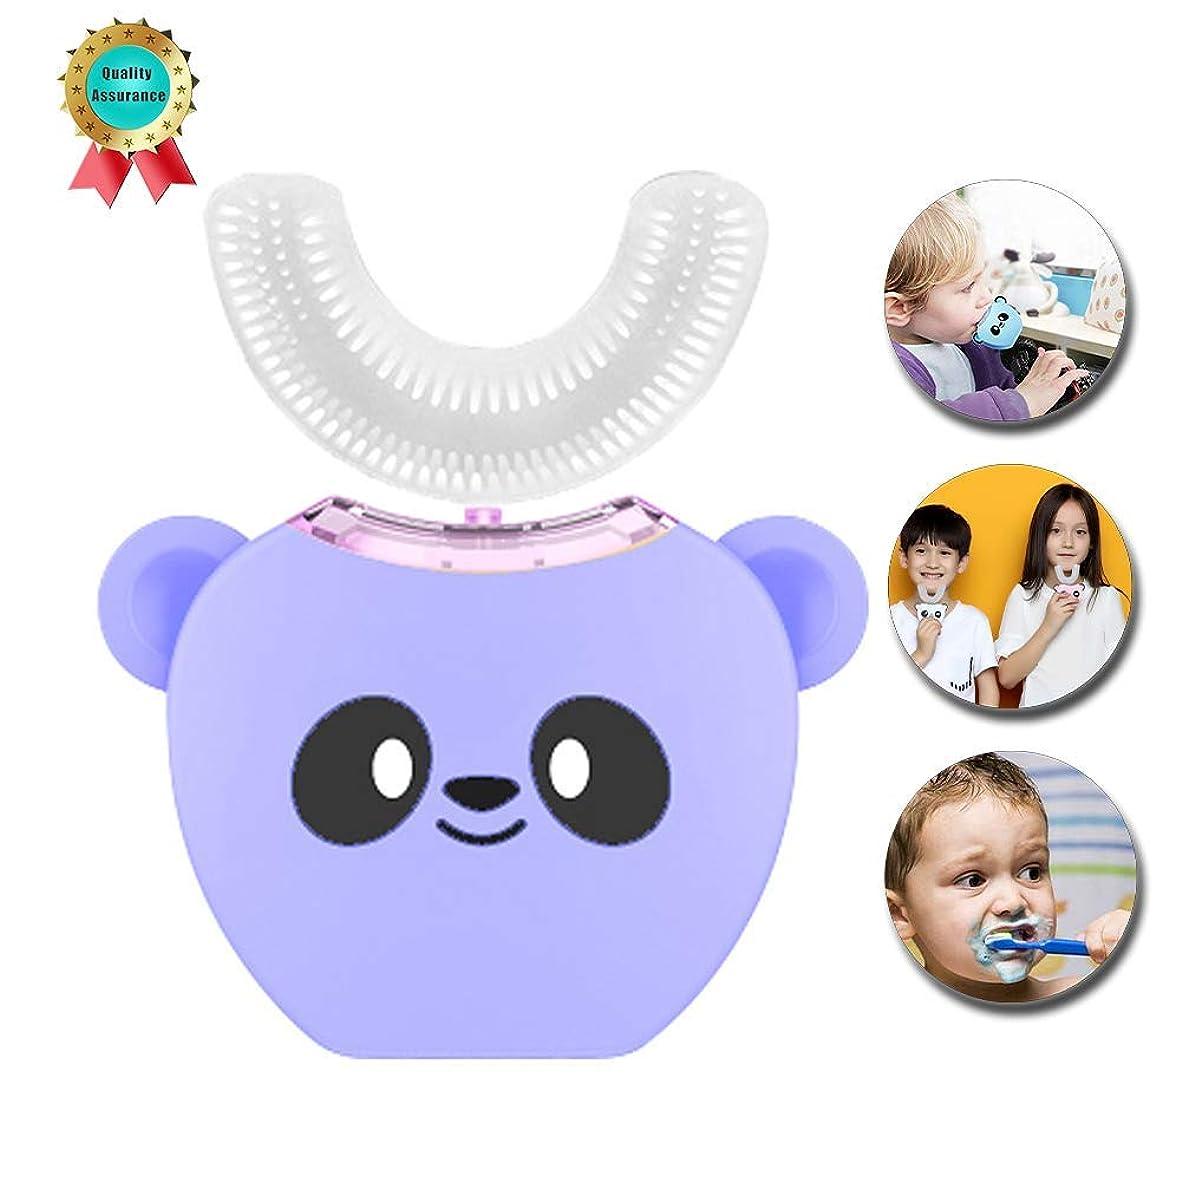 子供達ステレオ無意識V-white 電動歯ブラシ こども用 超音波振動360°オールラウンドクリーニング、充電式 (パープル)